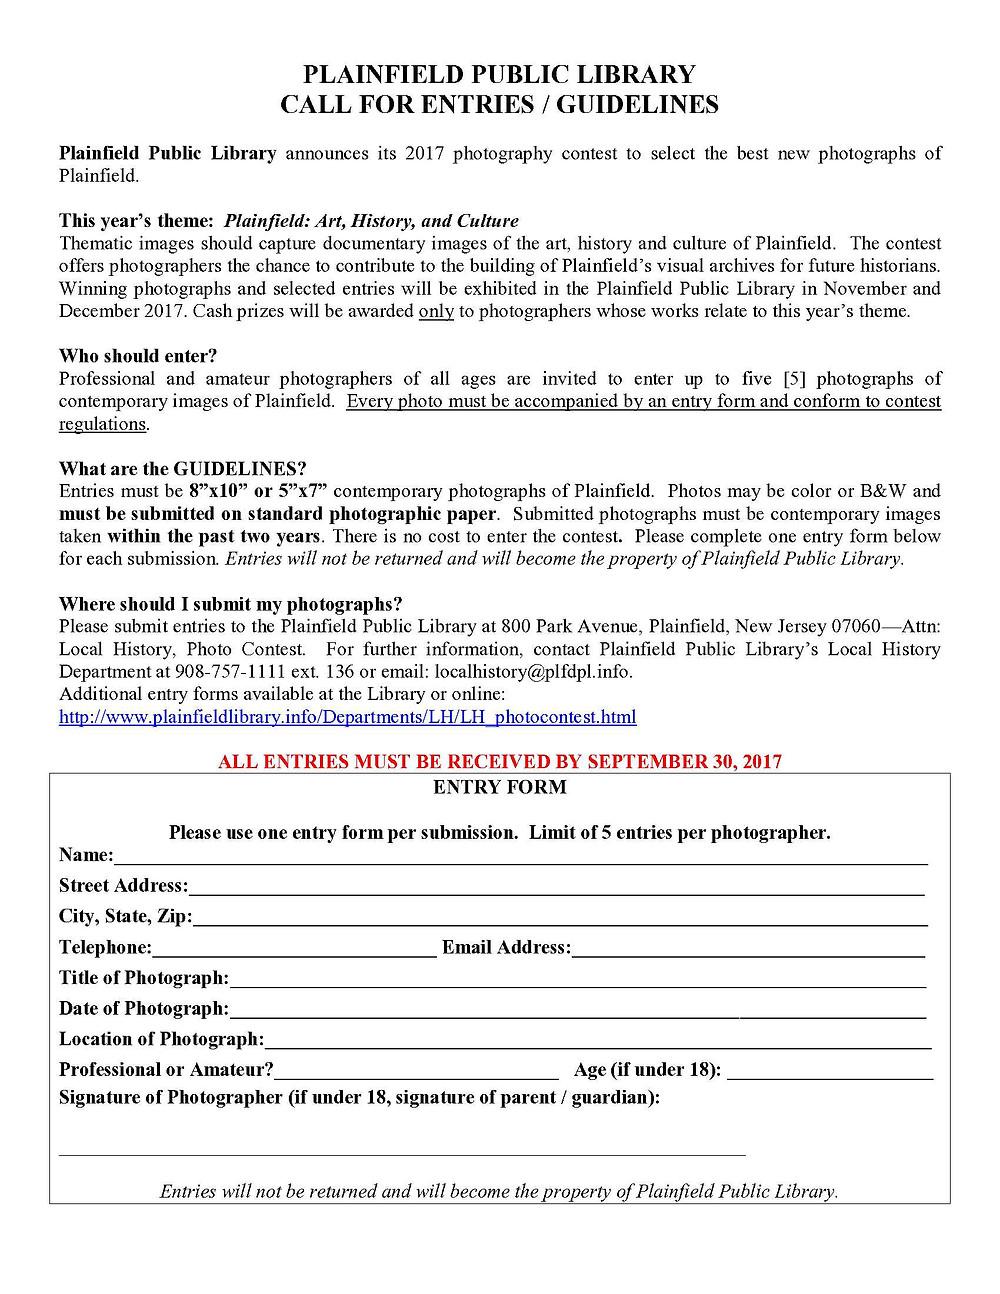 Deadline September 30 2017